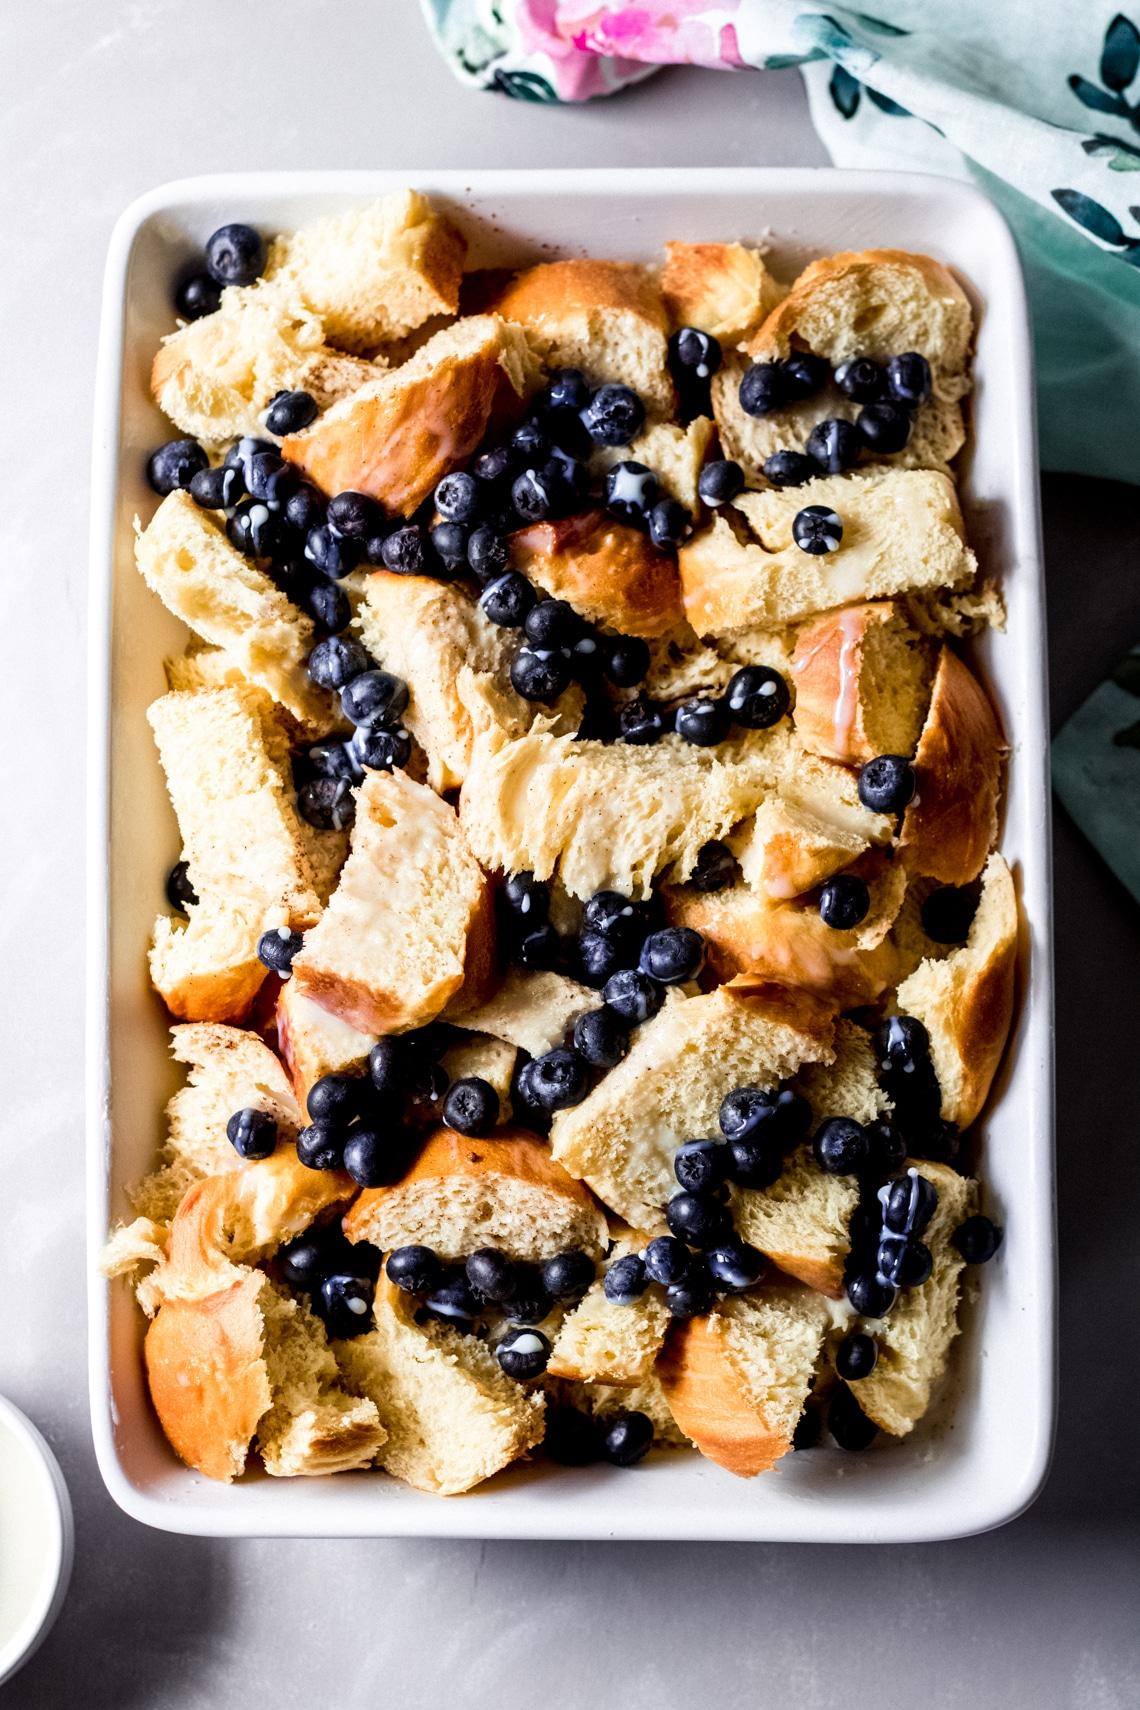 unbaked blueberry french toast bake